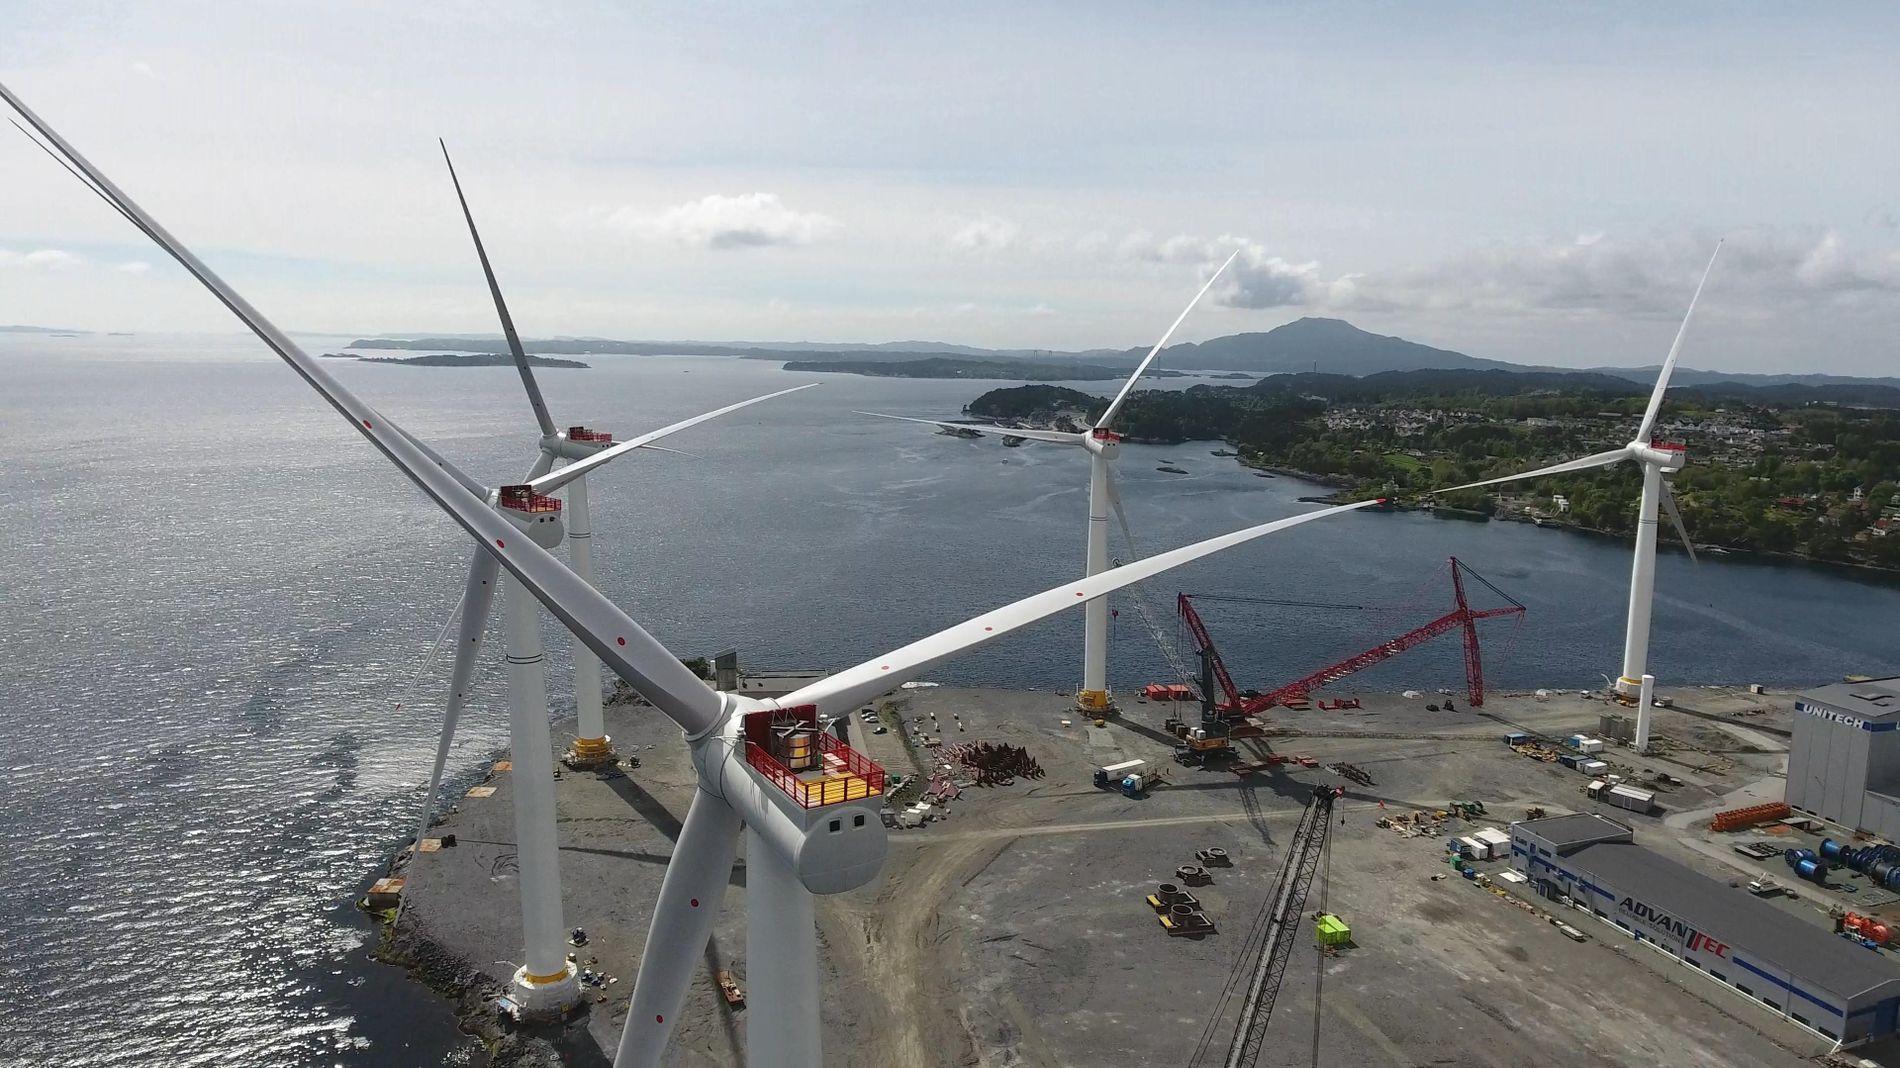 FÅR MILLIARDSTØTTE: Equinor og partnerne får opptil 2,3 milliarder kroner i støtte fra statlige Enova til å bygge verdens største flytende havvindpark, Hywind Tampen. Bildet er fra Hywind Skottland, fem turbiner på 6 megawatt og 175 meters høyde som ble montert opp på Stord før de seilte til Skottland.